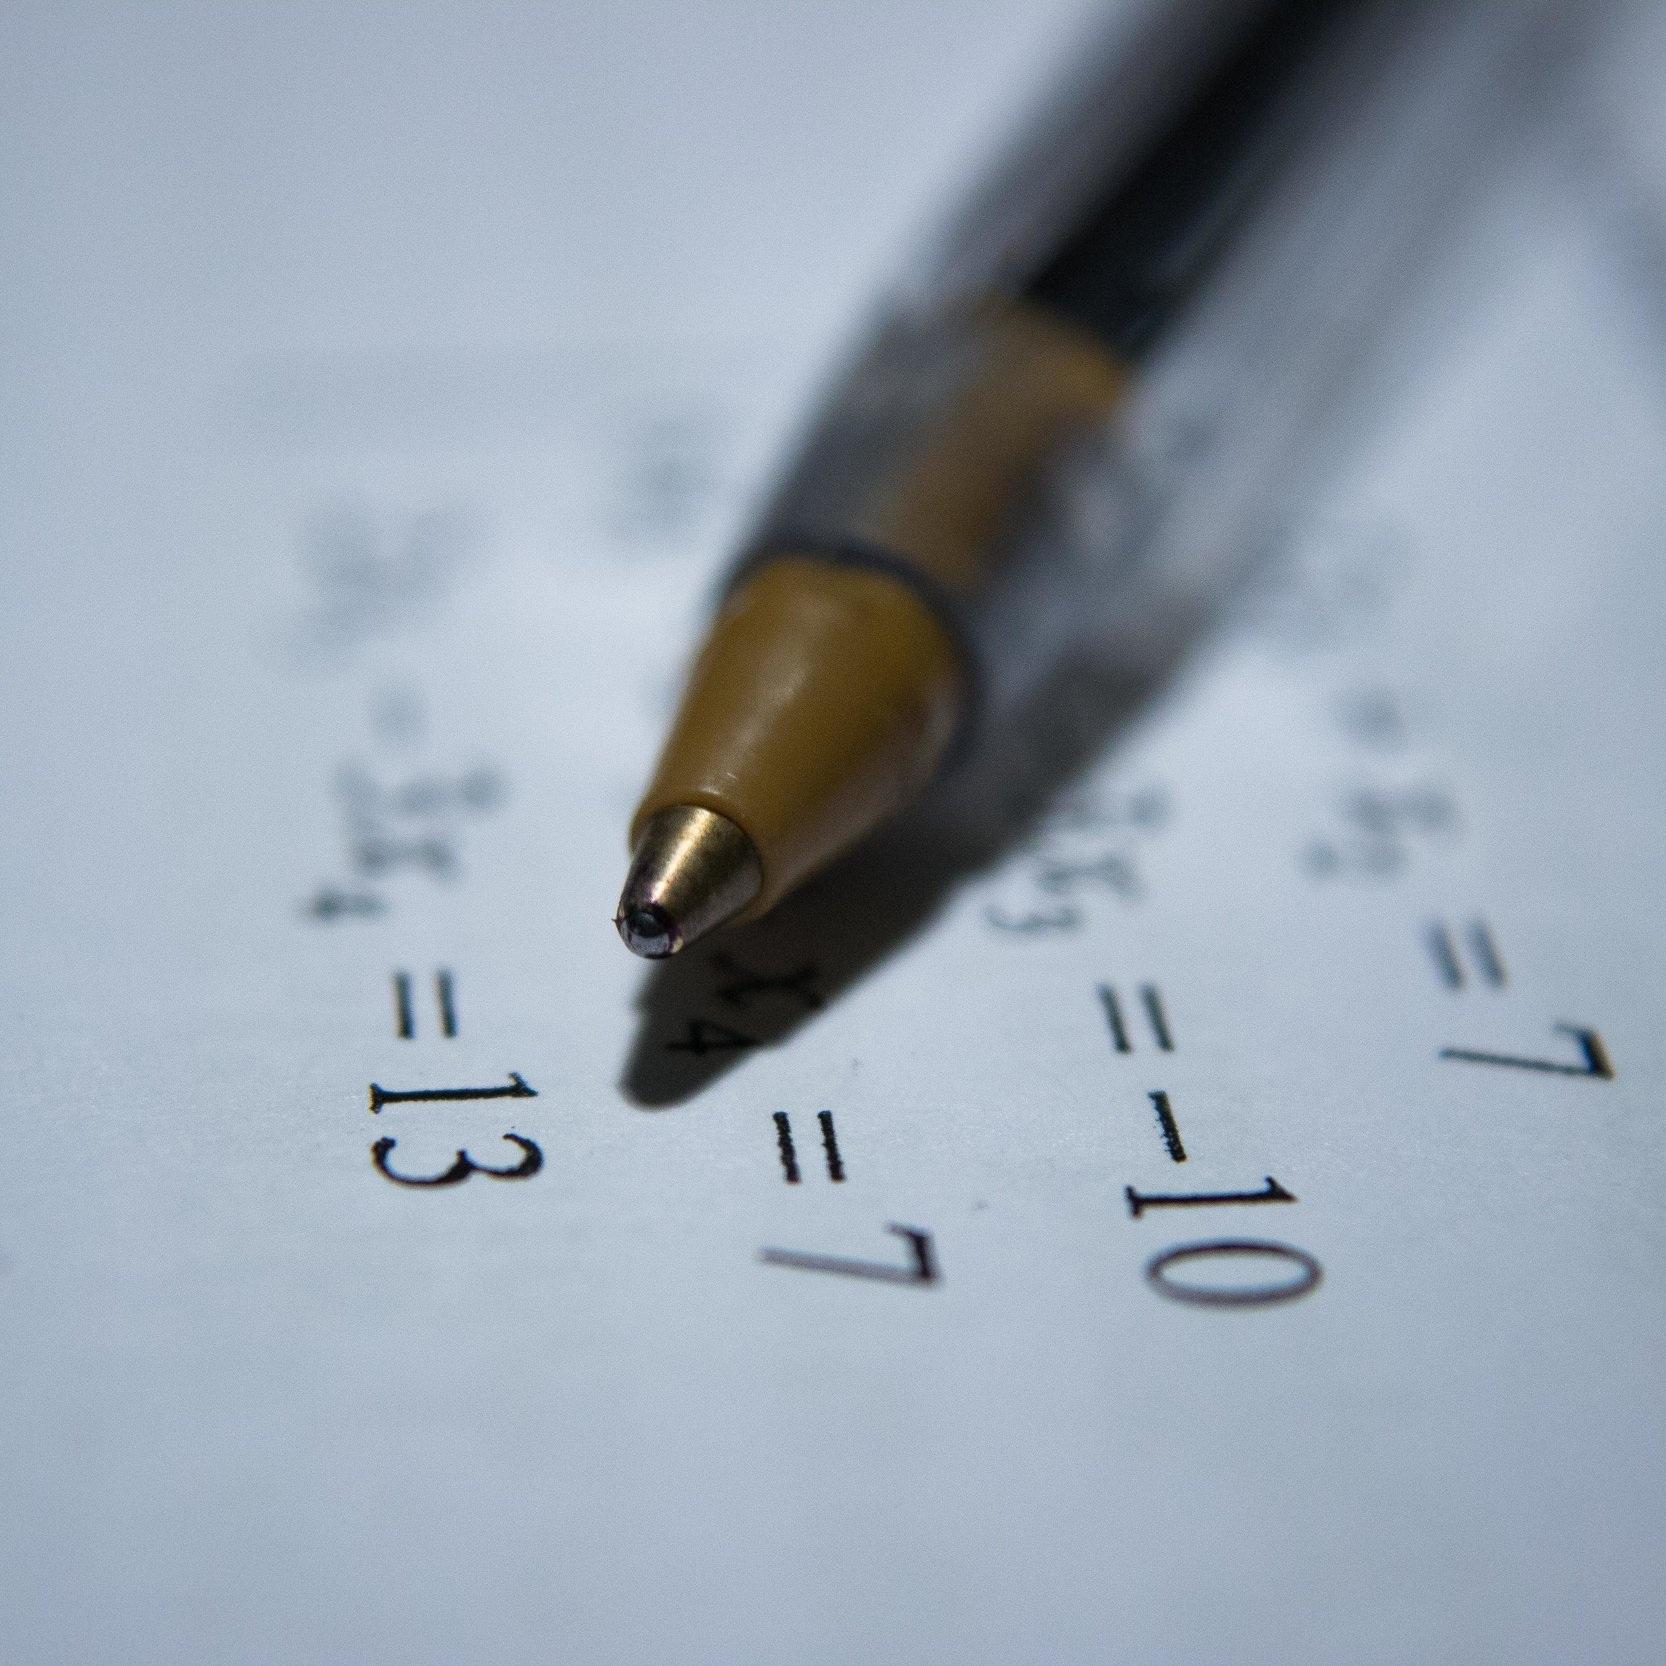 数学- - - - - -